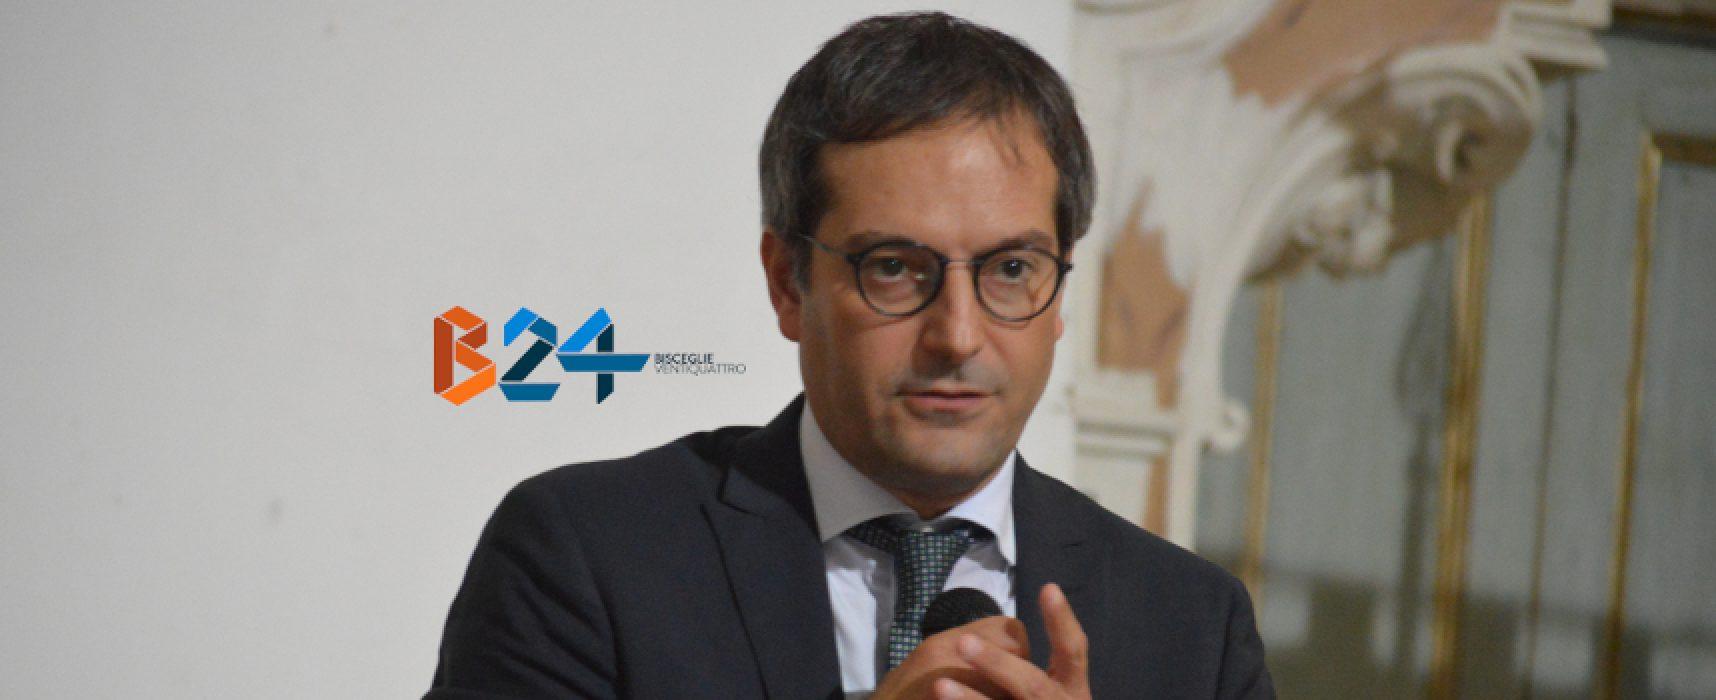 """Angarano replica al M5S, """"Fare populismo è facile, una città non si cambia in 9 mesi"""""""